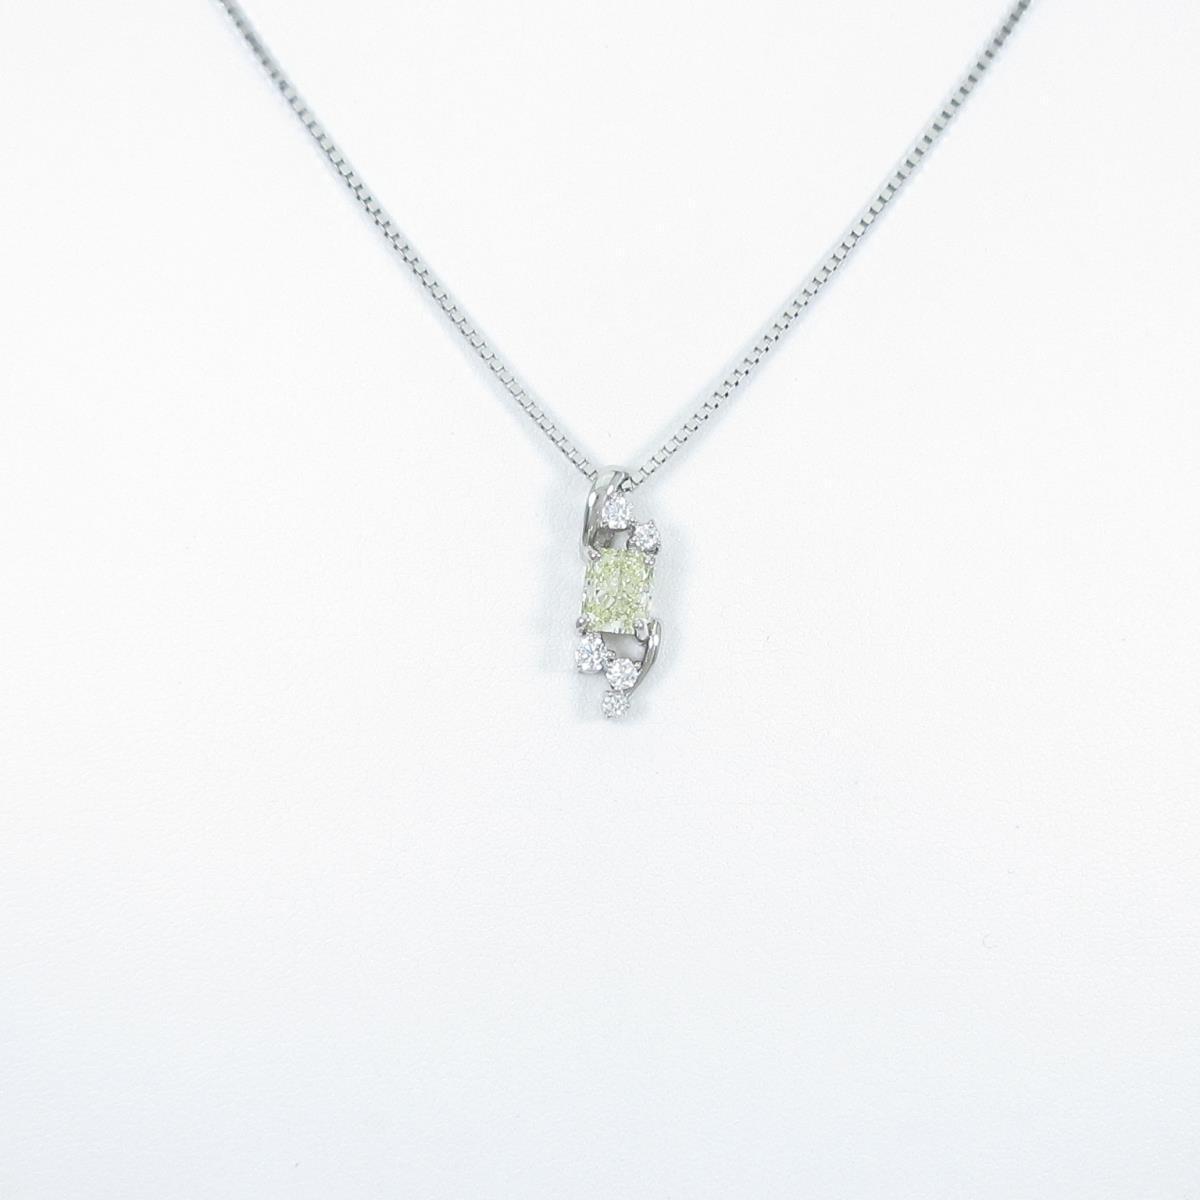 プラチナダイヤモンドネックレス 1.068ct・LY・SI2・ファンシーカット【中古】